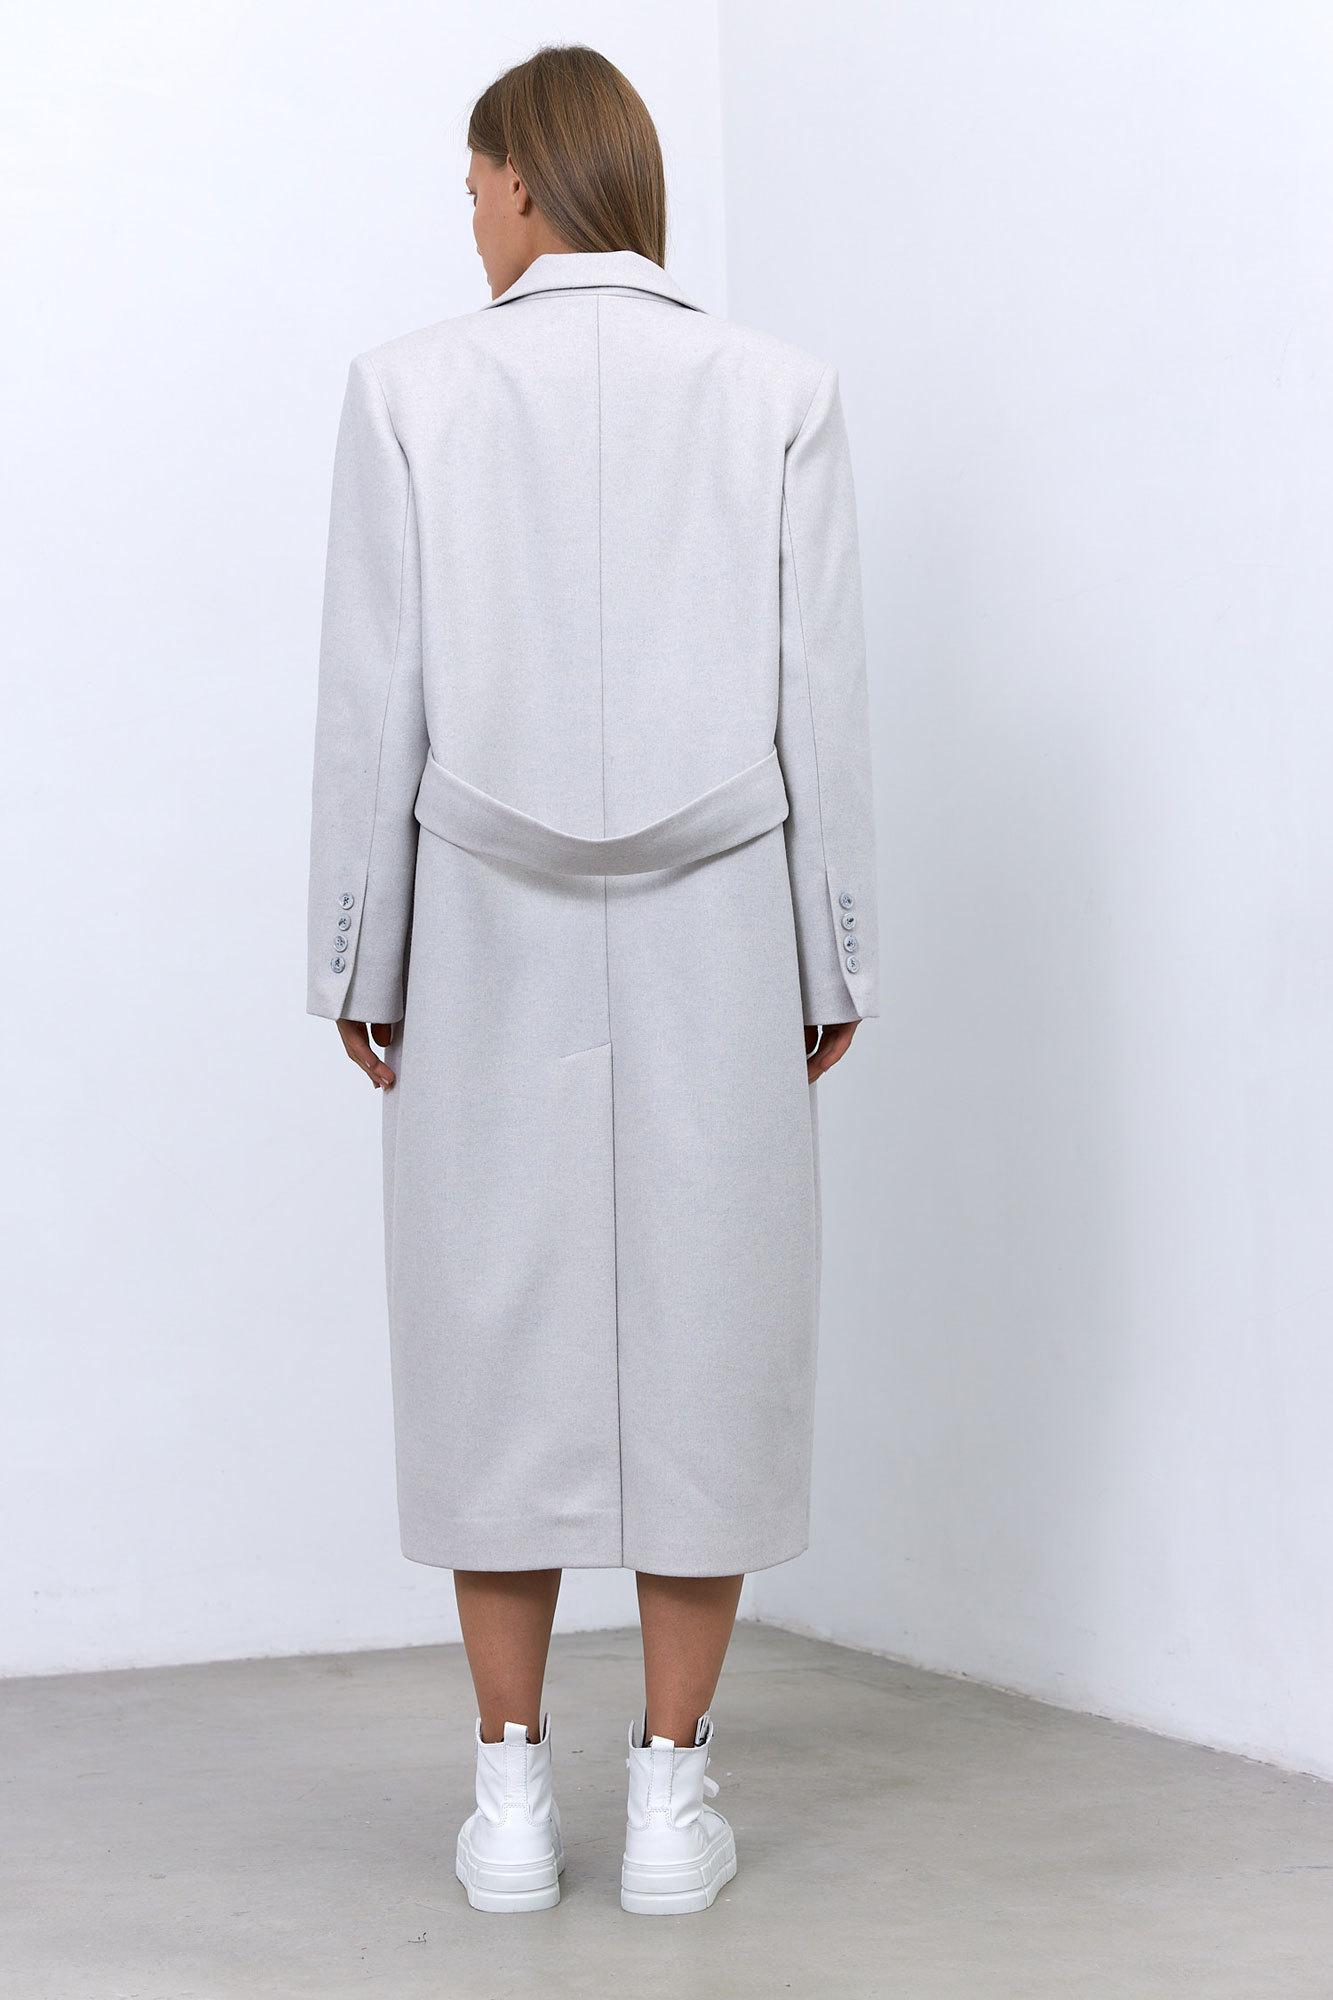 Пальто в мужском стиле с хлястиком на спинке, белый туман